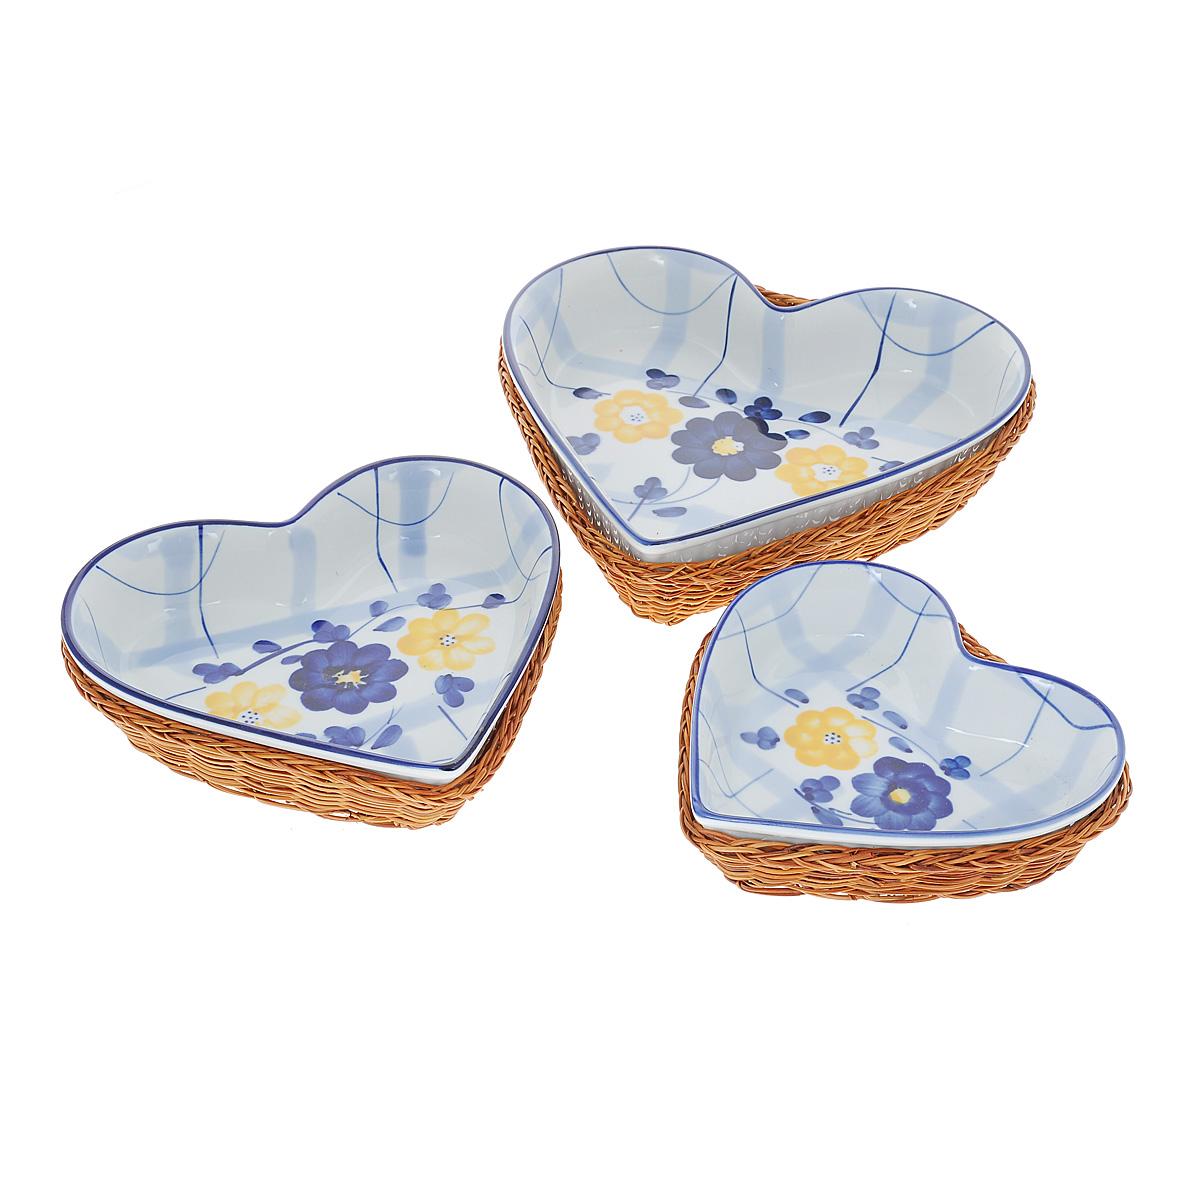 Набор форм для выпечки Mayer & Boch Сердце, 6 предметов. 92849284Набор Mayer & Boch состоит из трех форм для выпечки и трех корзинок под них. Формы выполнены из жаропрочной керамики в виде сердца и украшены ручной росписью. Плетеные корзинки служат в качестве подставок для форм, в таком сочетании блюда идеально будут смотреться на столе. Набор можно использовать для приготовления, разогрева блюд и их последующей сервировки. Для компактного хранения формы складываются друг в друга.Формы можно использовать в духовке, микроволновой печи и мыть в посудомоечной машине.